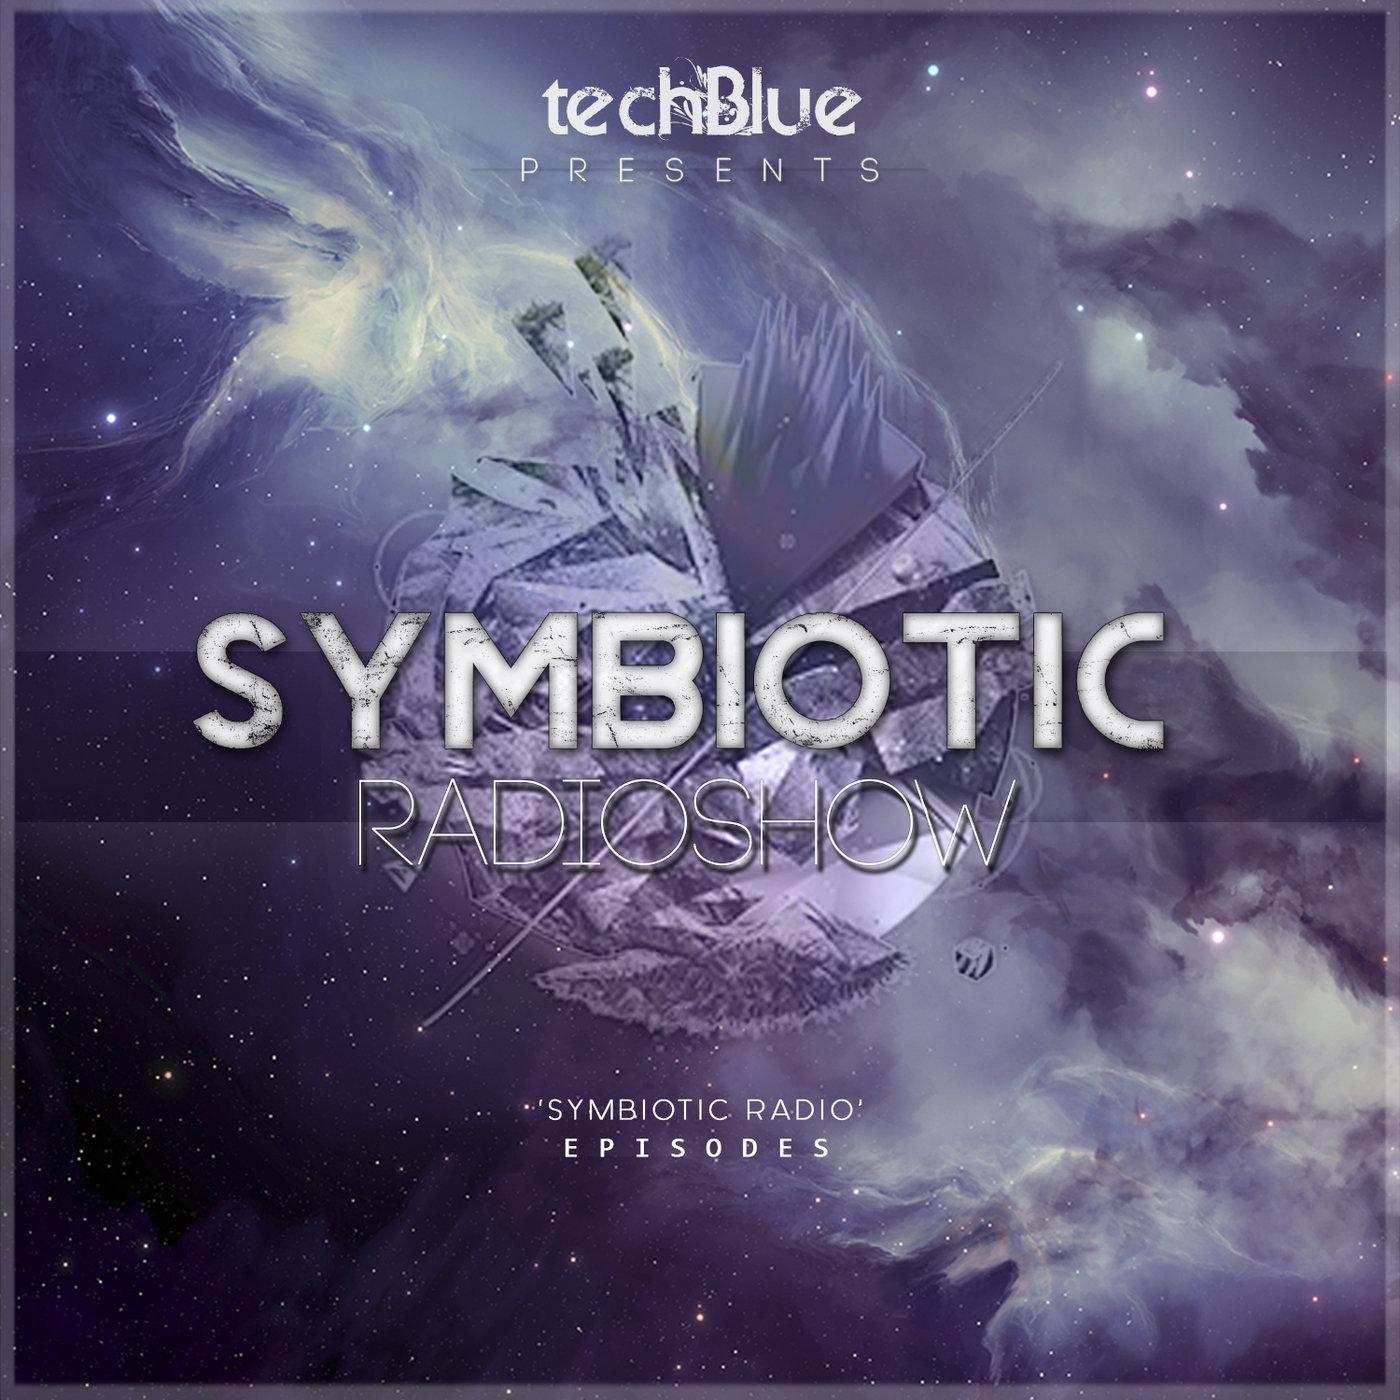 <![CDATA[Symbiotic Radio]]>